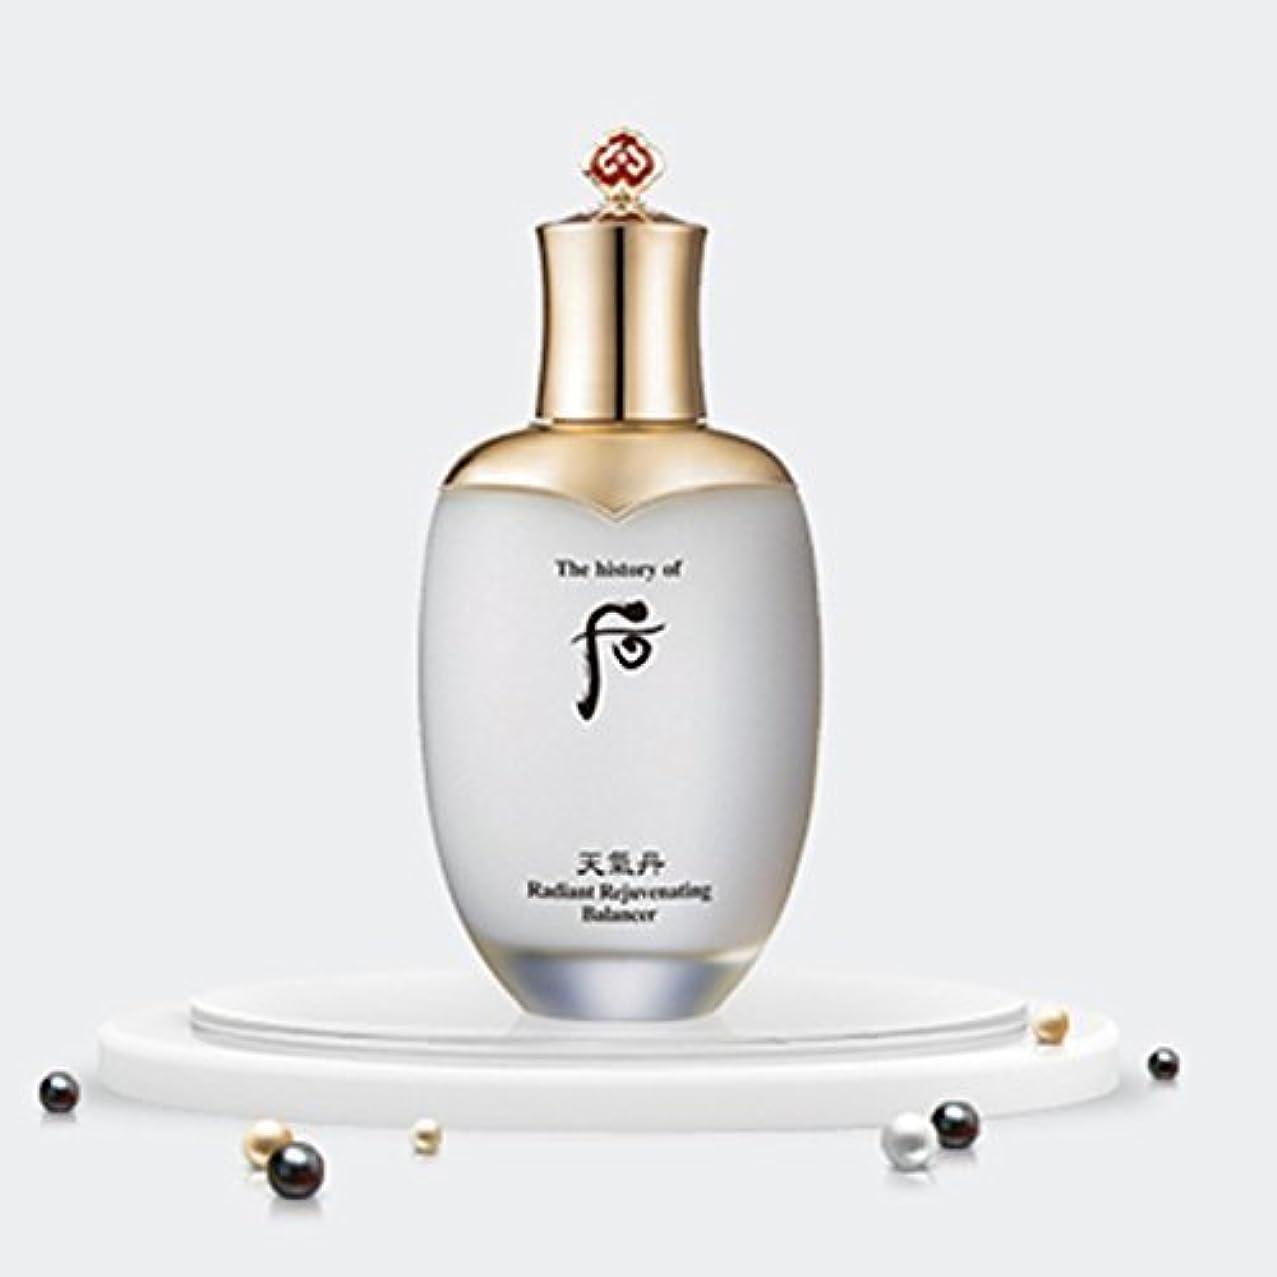 愛する資格ワーム[Whoo/ドフー]天気丹 Hwahyun バランサー(化粧水) 150ml[海外直送品]